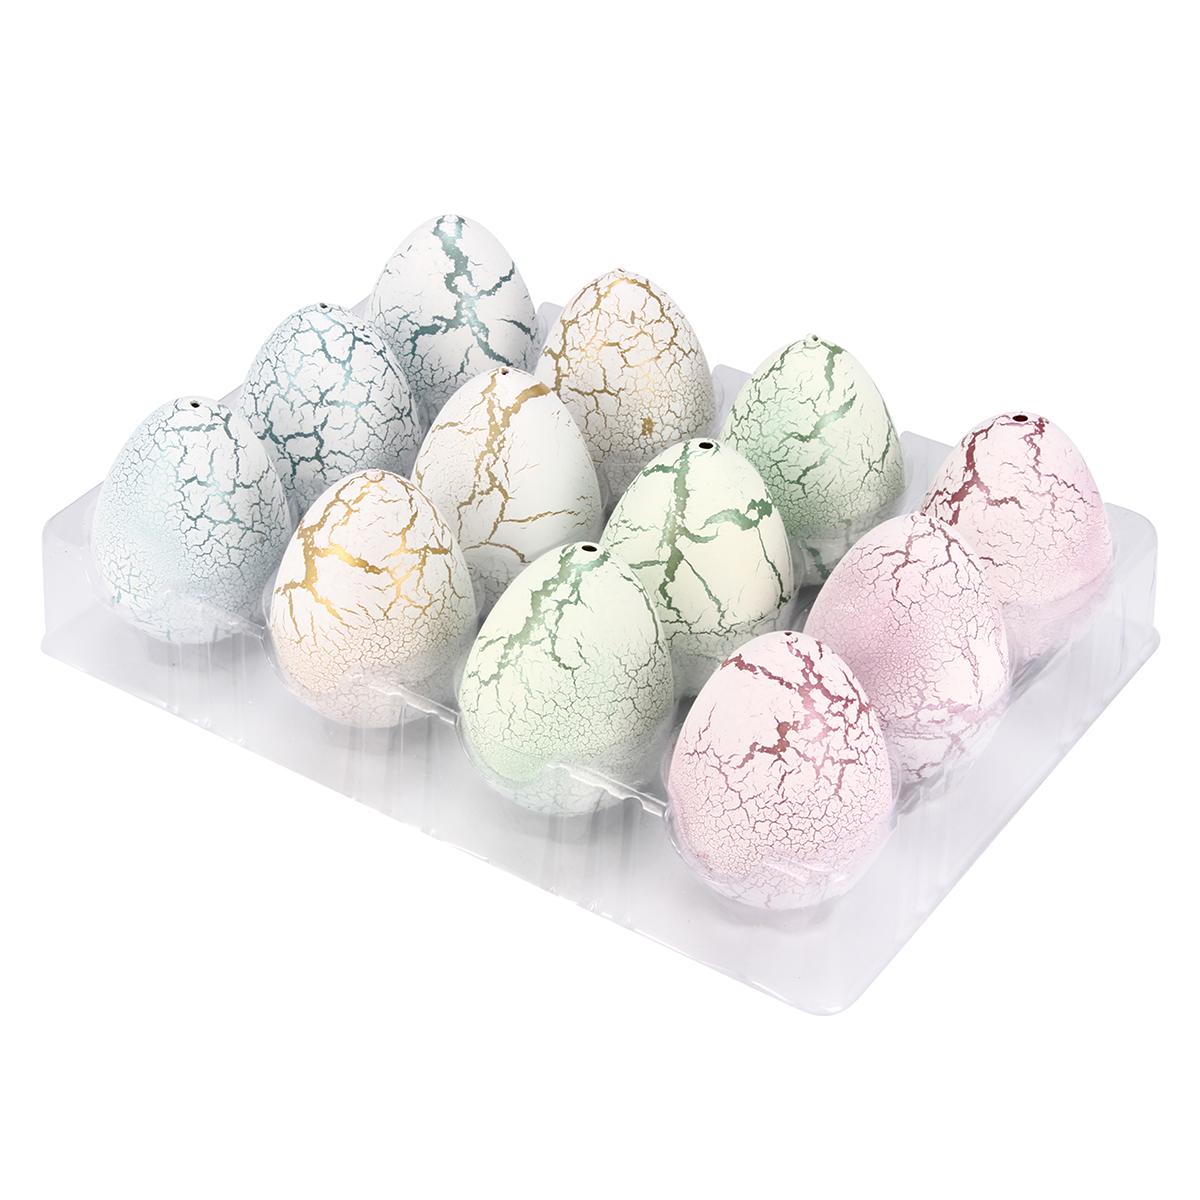 6-12-30-36-60-Pcs-Set-Magic-Add-Water-Dinosaur-Tortoise-Growing-Egg-Hatching-Toy